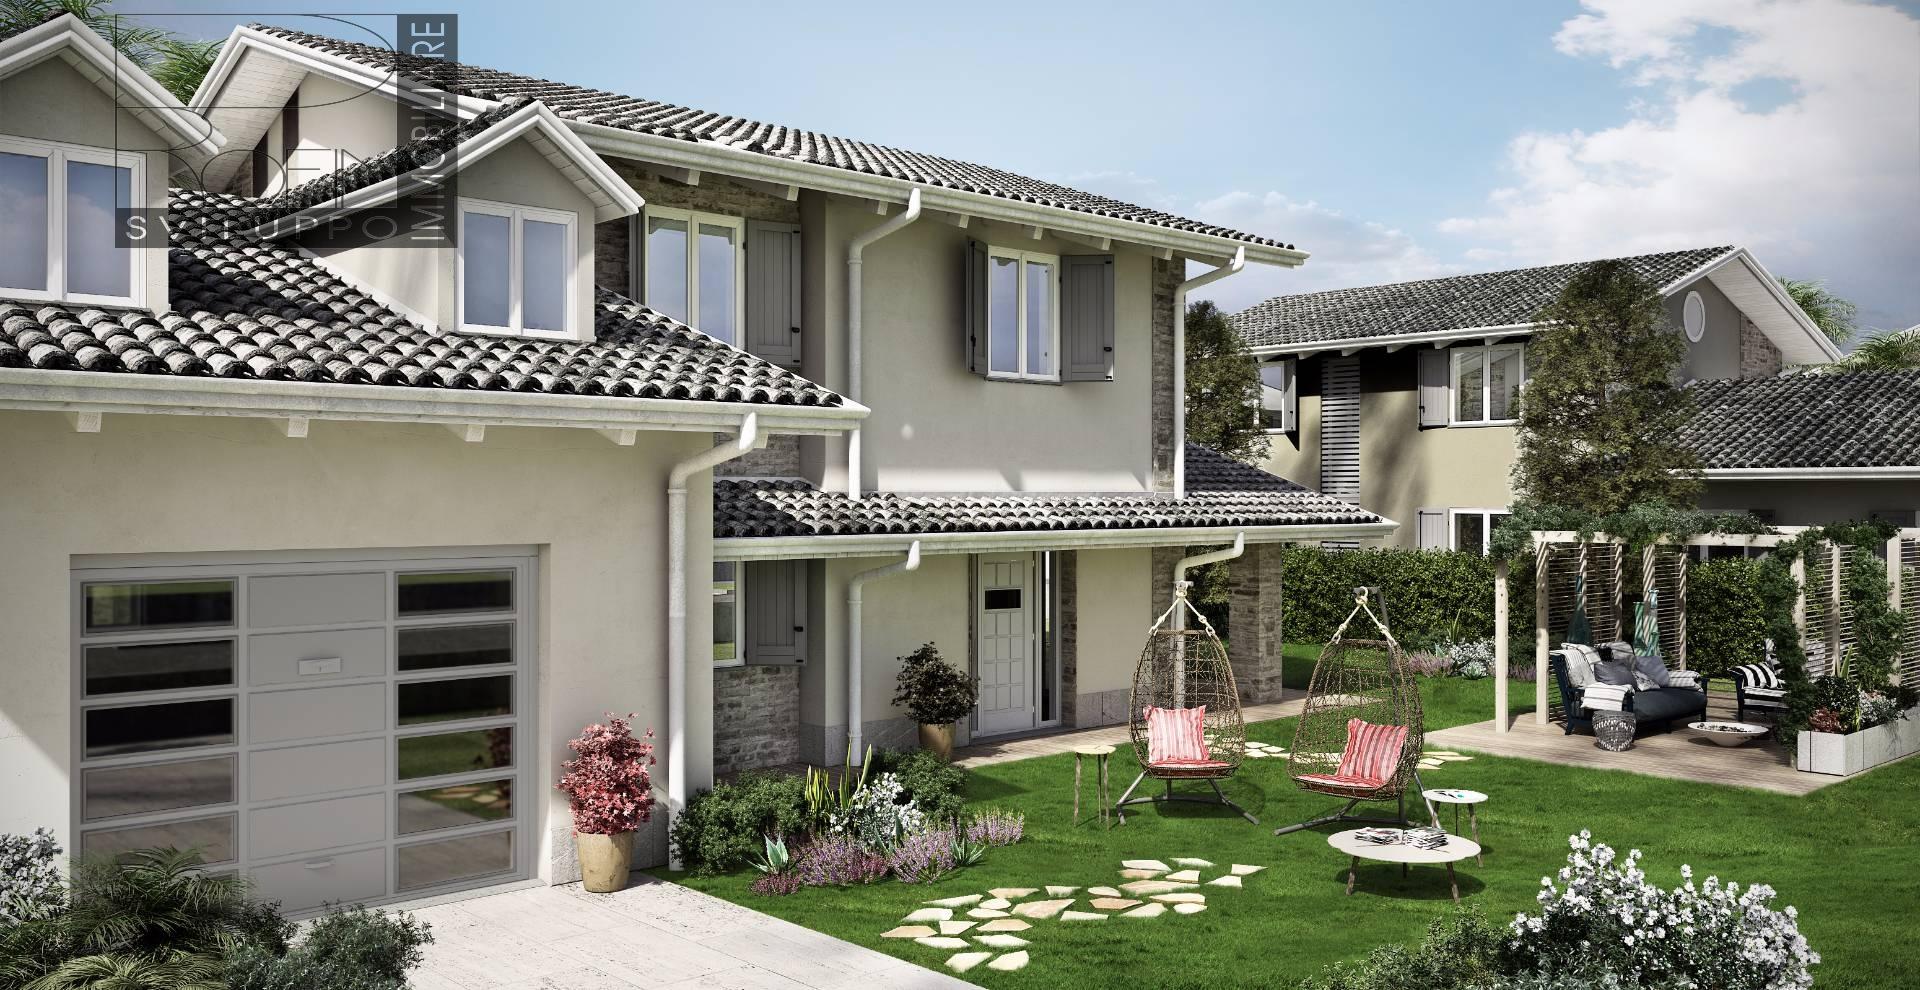 Villa in vendita a Spino d'Adda, 5 locali, Trattative riservate | CambioCasa.it